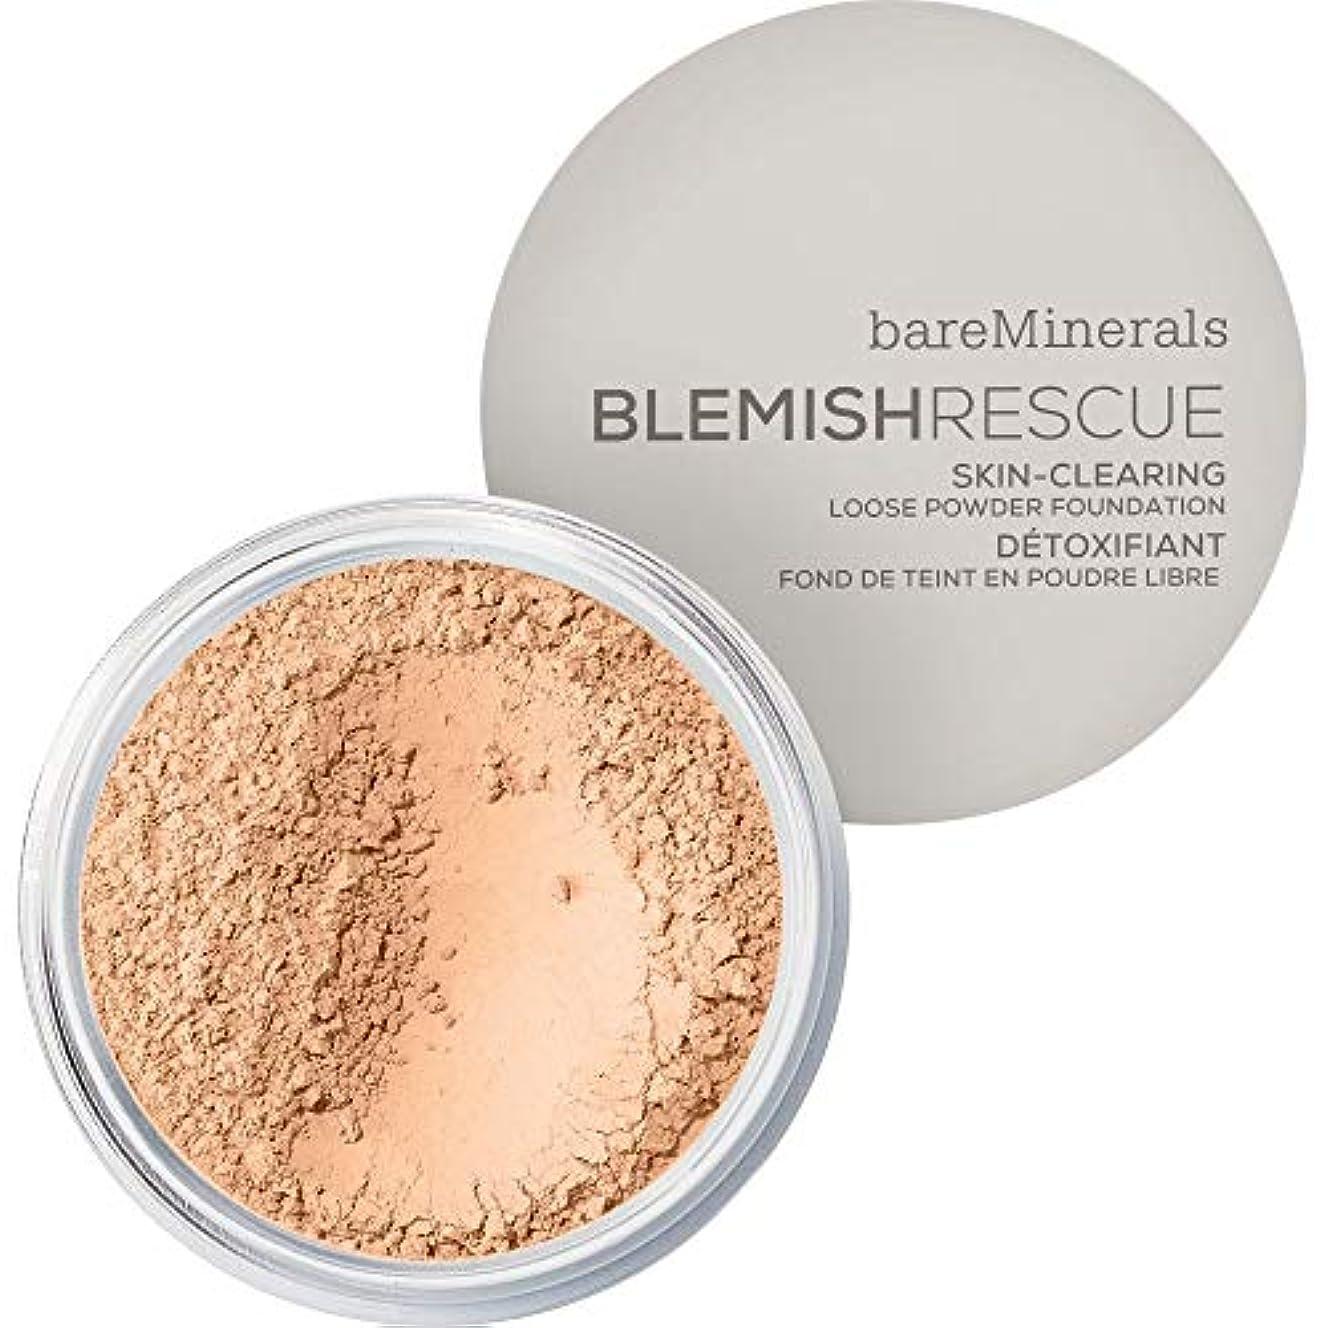 眠いです平野衝動[bareMinerals ] ベアミネラル傷レスキュースキンクリア緩いパウダーファンデーションの6グラムの2N - 中立アイボリー - bareMinerals Blemish Rescue Skin-Clearing...